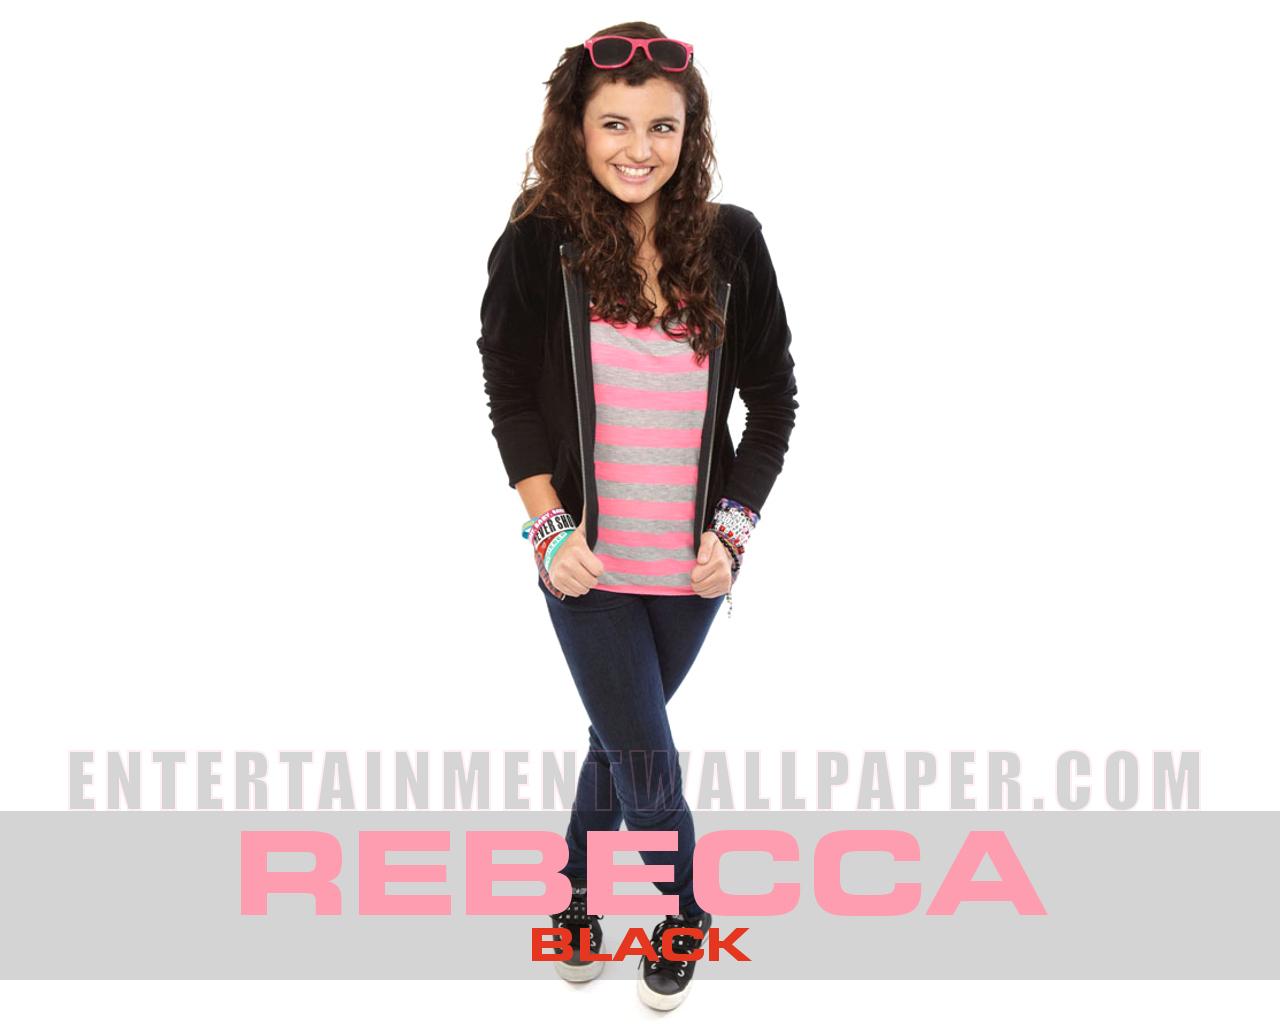 http://2.bp.blogspot.com/-qdRVDx_qTqs/UDU8f5diCRI/AAAAAAAAQBI/BIjb9rciZyA/s1600/Rebecca+Black+Wallpapers+-+Www.10Pixeles.Com+%287%29.jpg